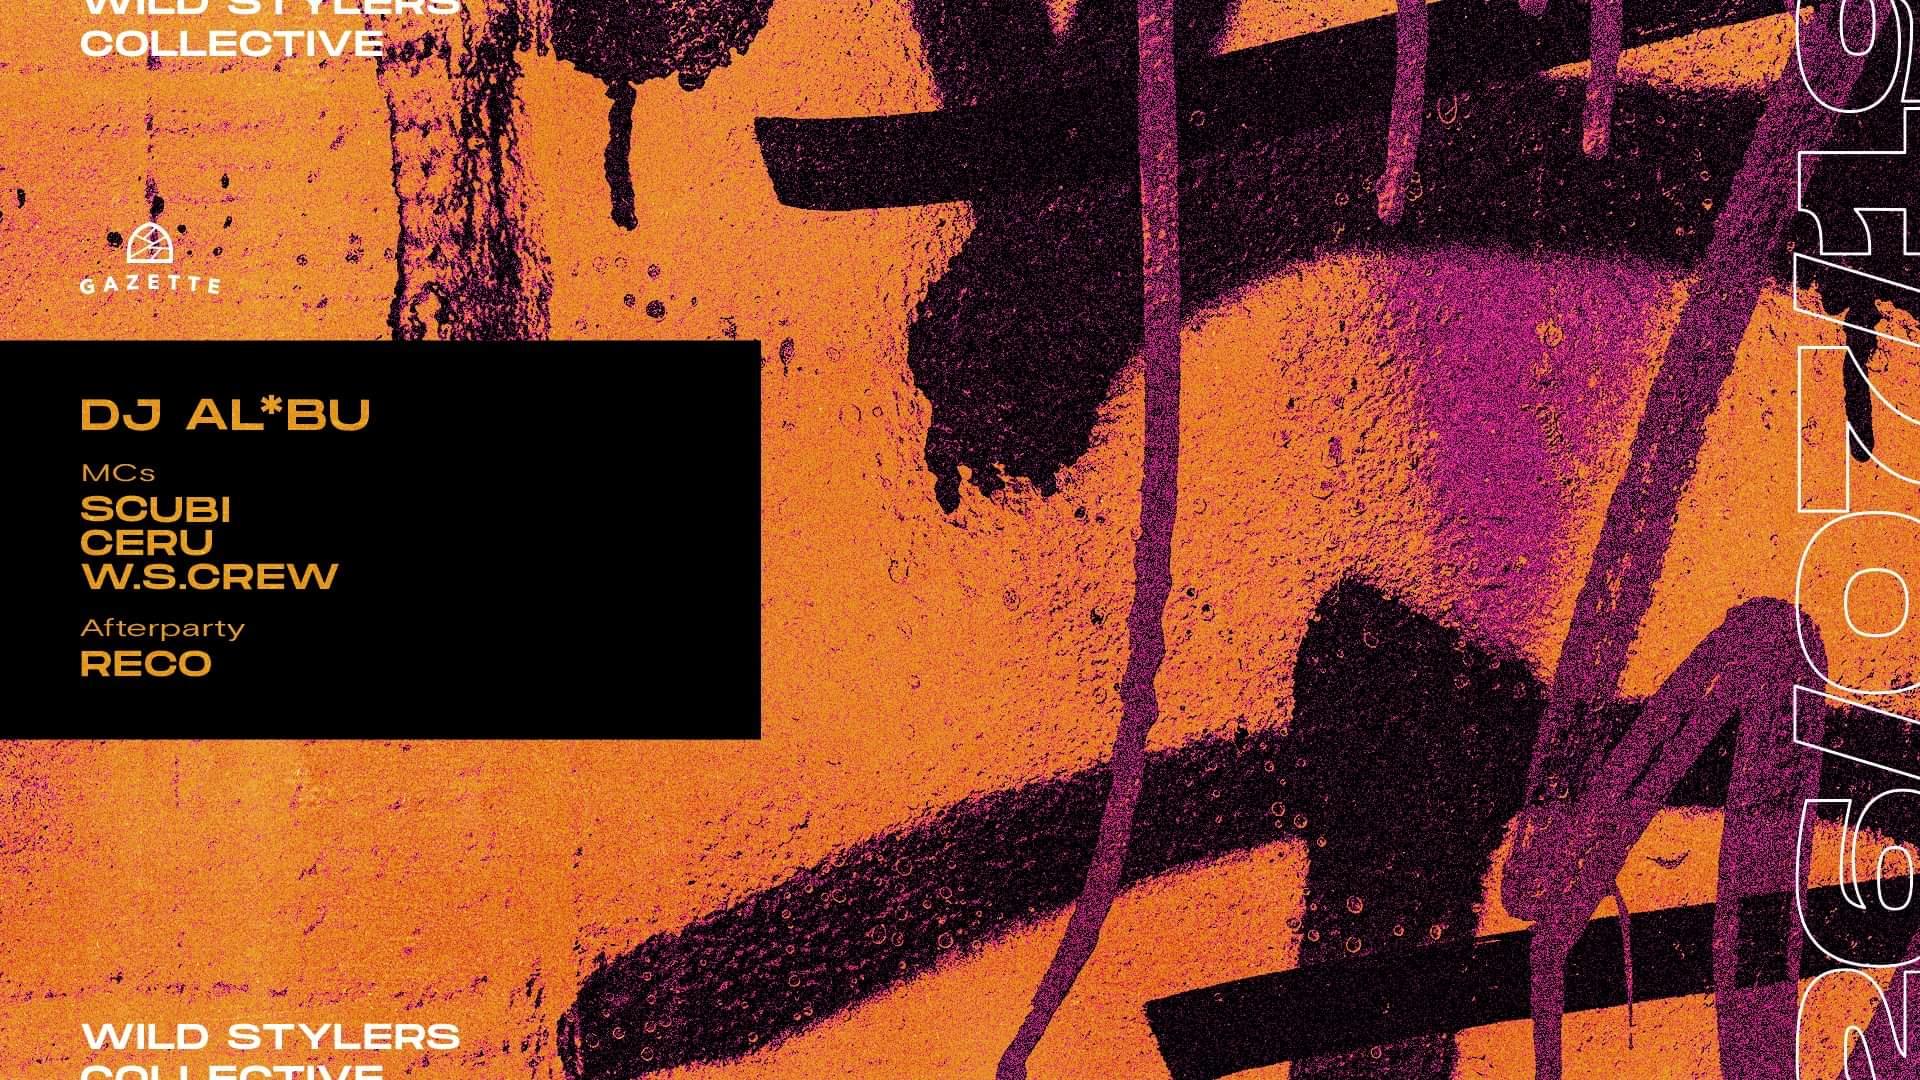 Wild Stylers Collective: Dj Albu / Scubi / Ceru / W.S.Crew /Reco